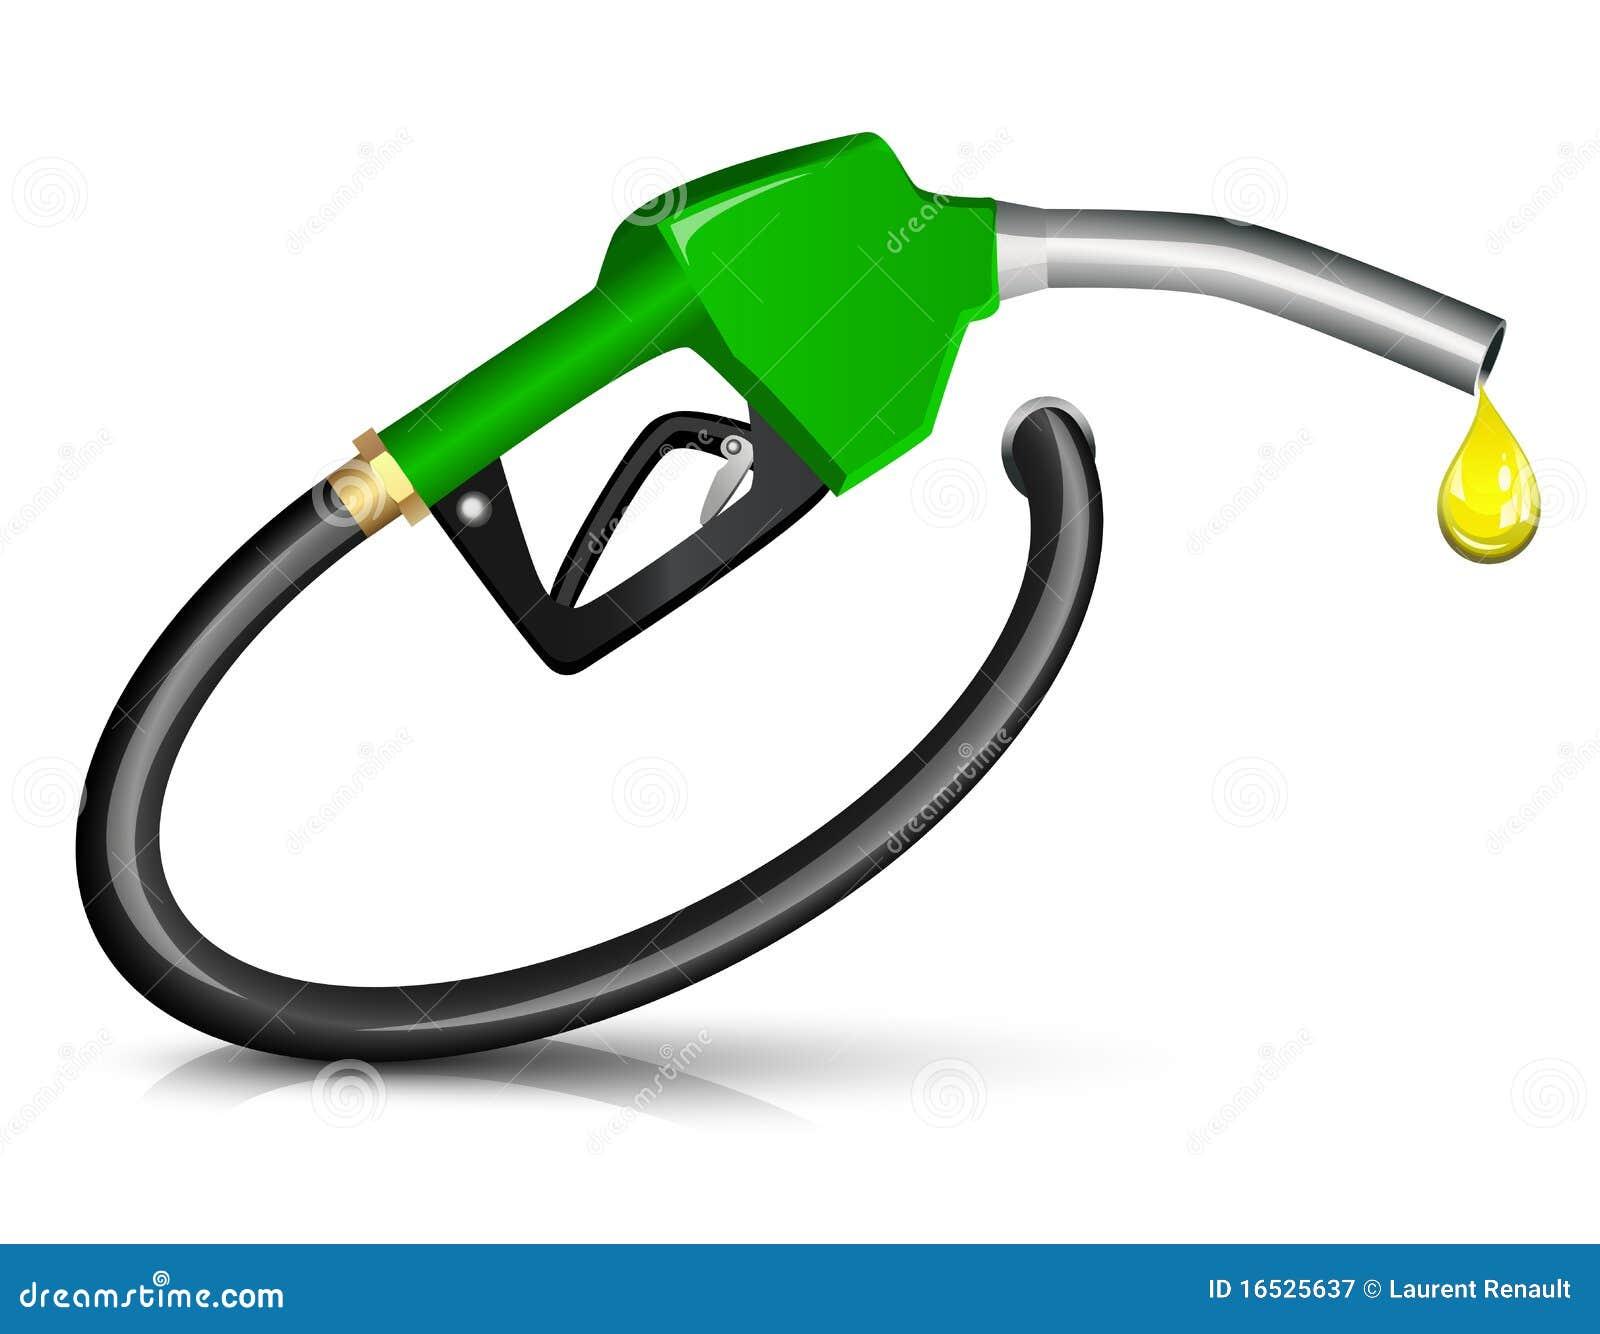 Como comprobar la gasolina a la cualidad 92 gasolinas